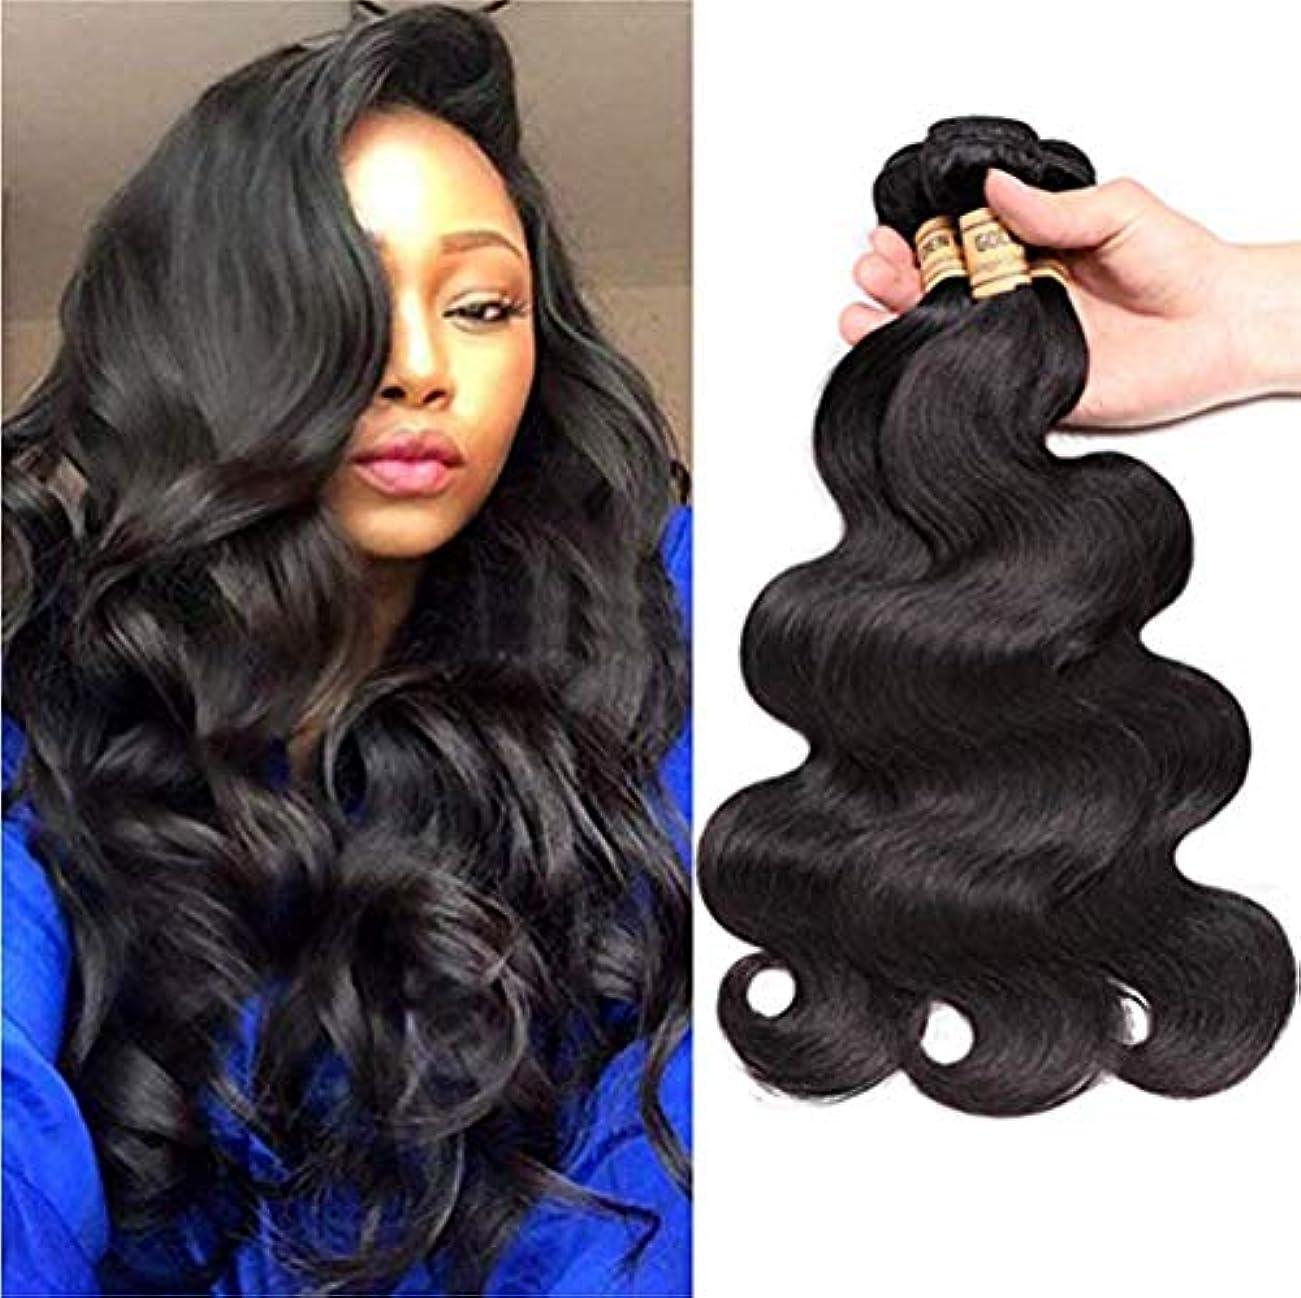 オリエント覚えているコカイン閉鎖とブラジルの実体波の束を編む女性の髪閉鎖人間の髪の毛の束とブラジルの髪の束